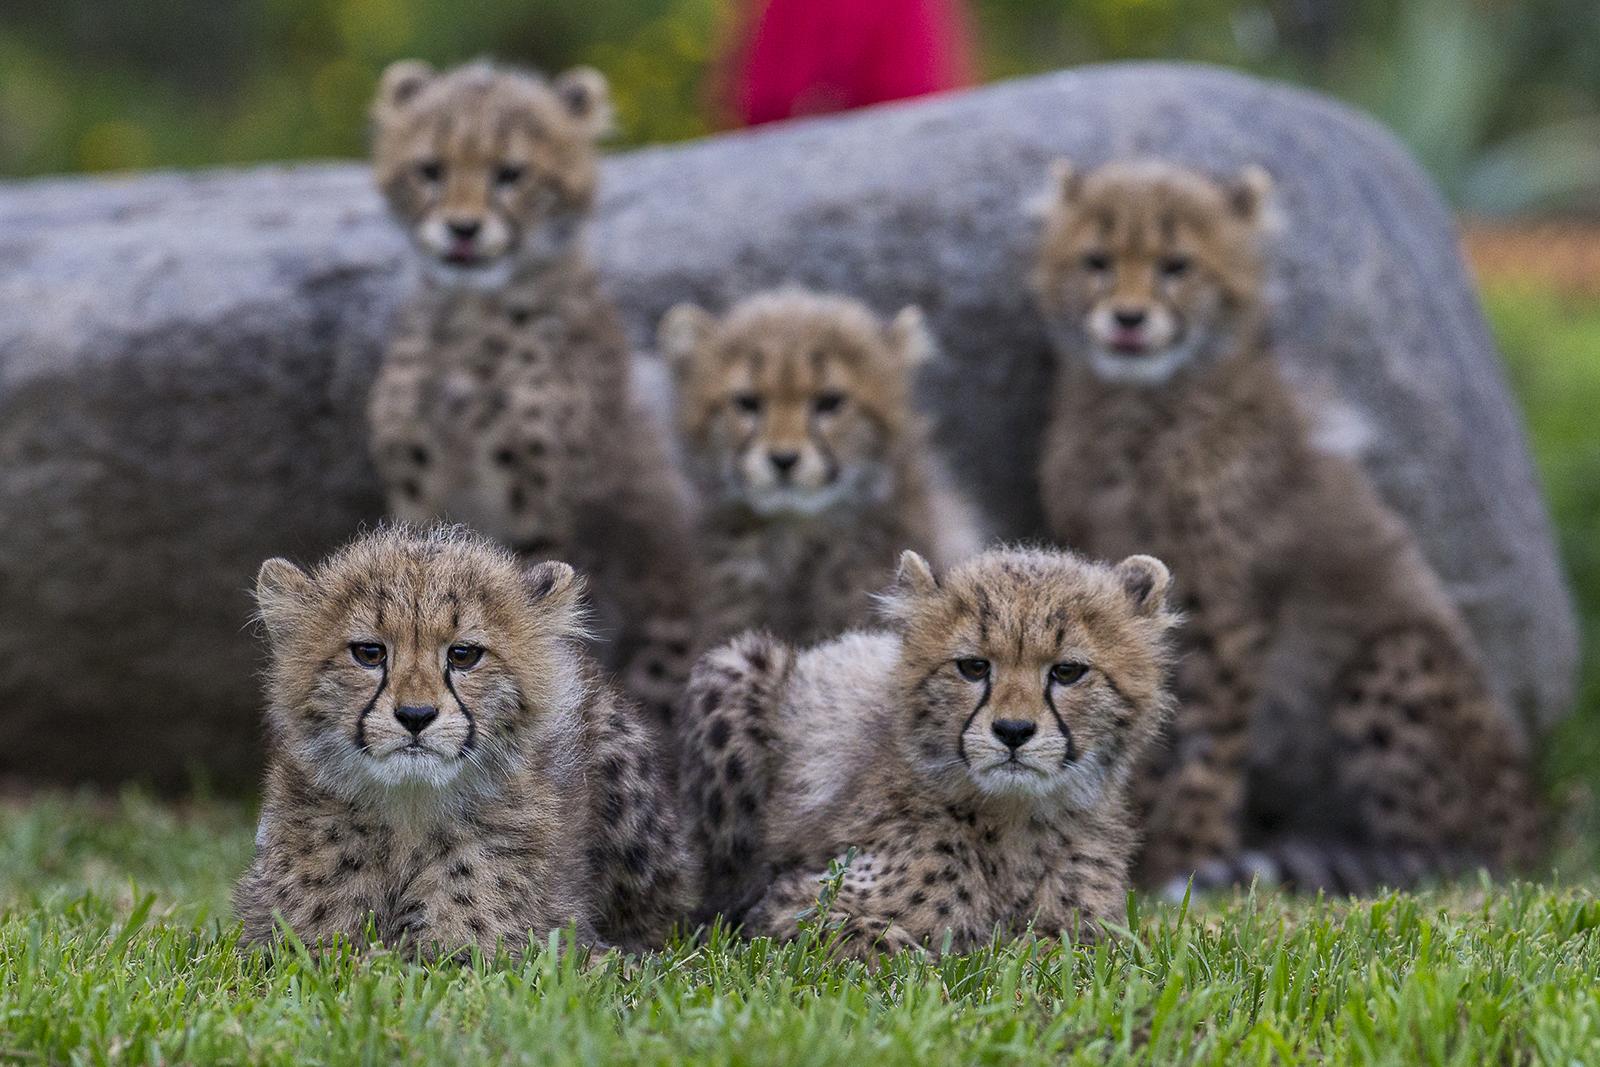 Six Cheetah Cubs Spotted At The Safari Park Zoonooz